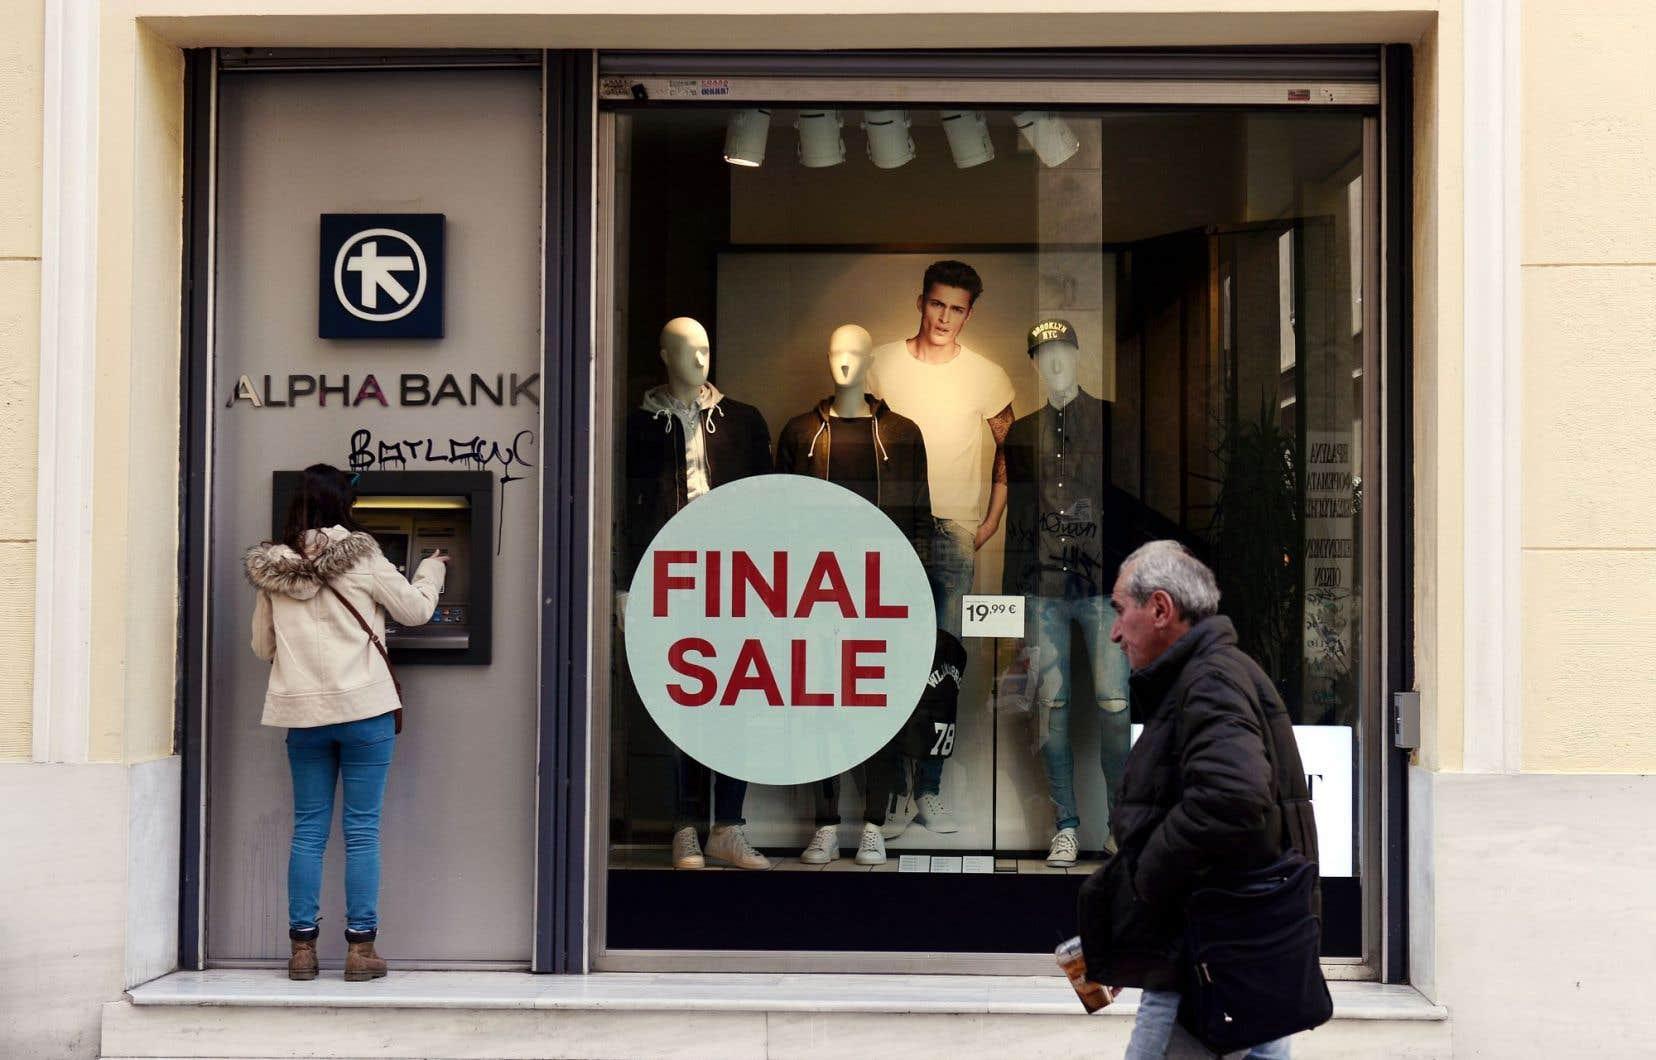 La BCE devrait normalement rétablir les mesures de soutien aux banques grecques d'ici au 21 juillet.